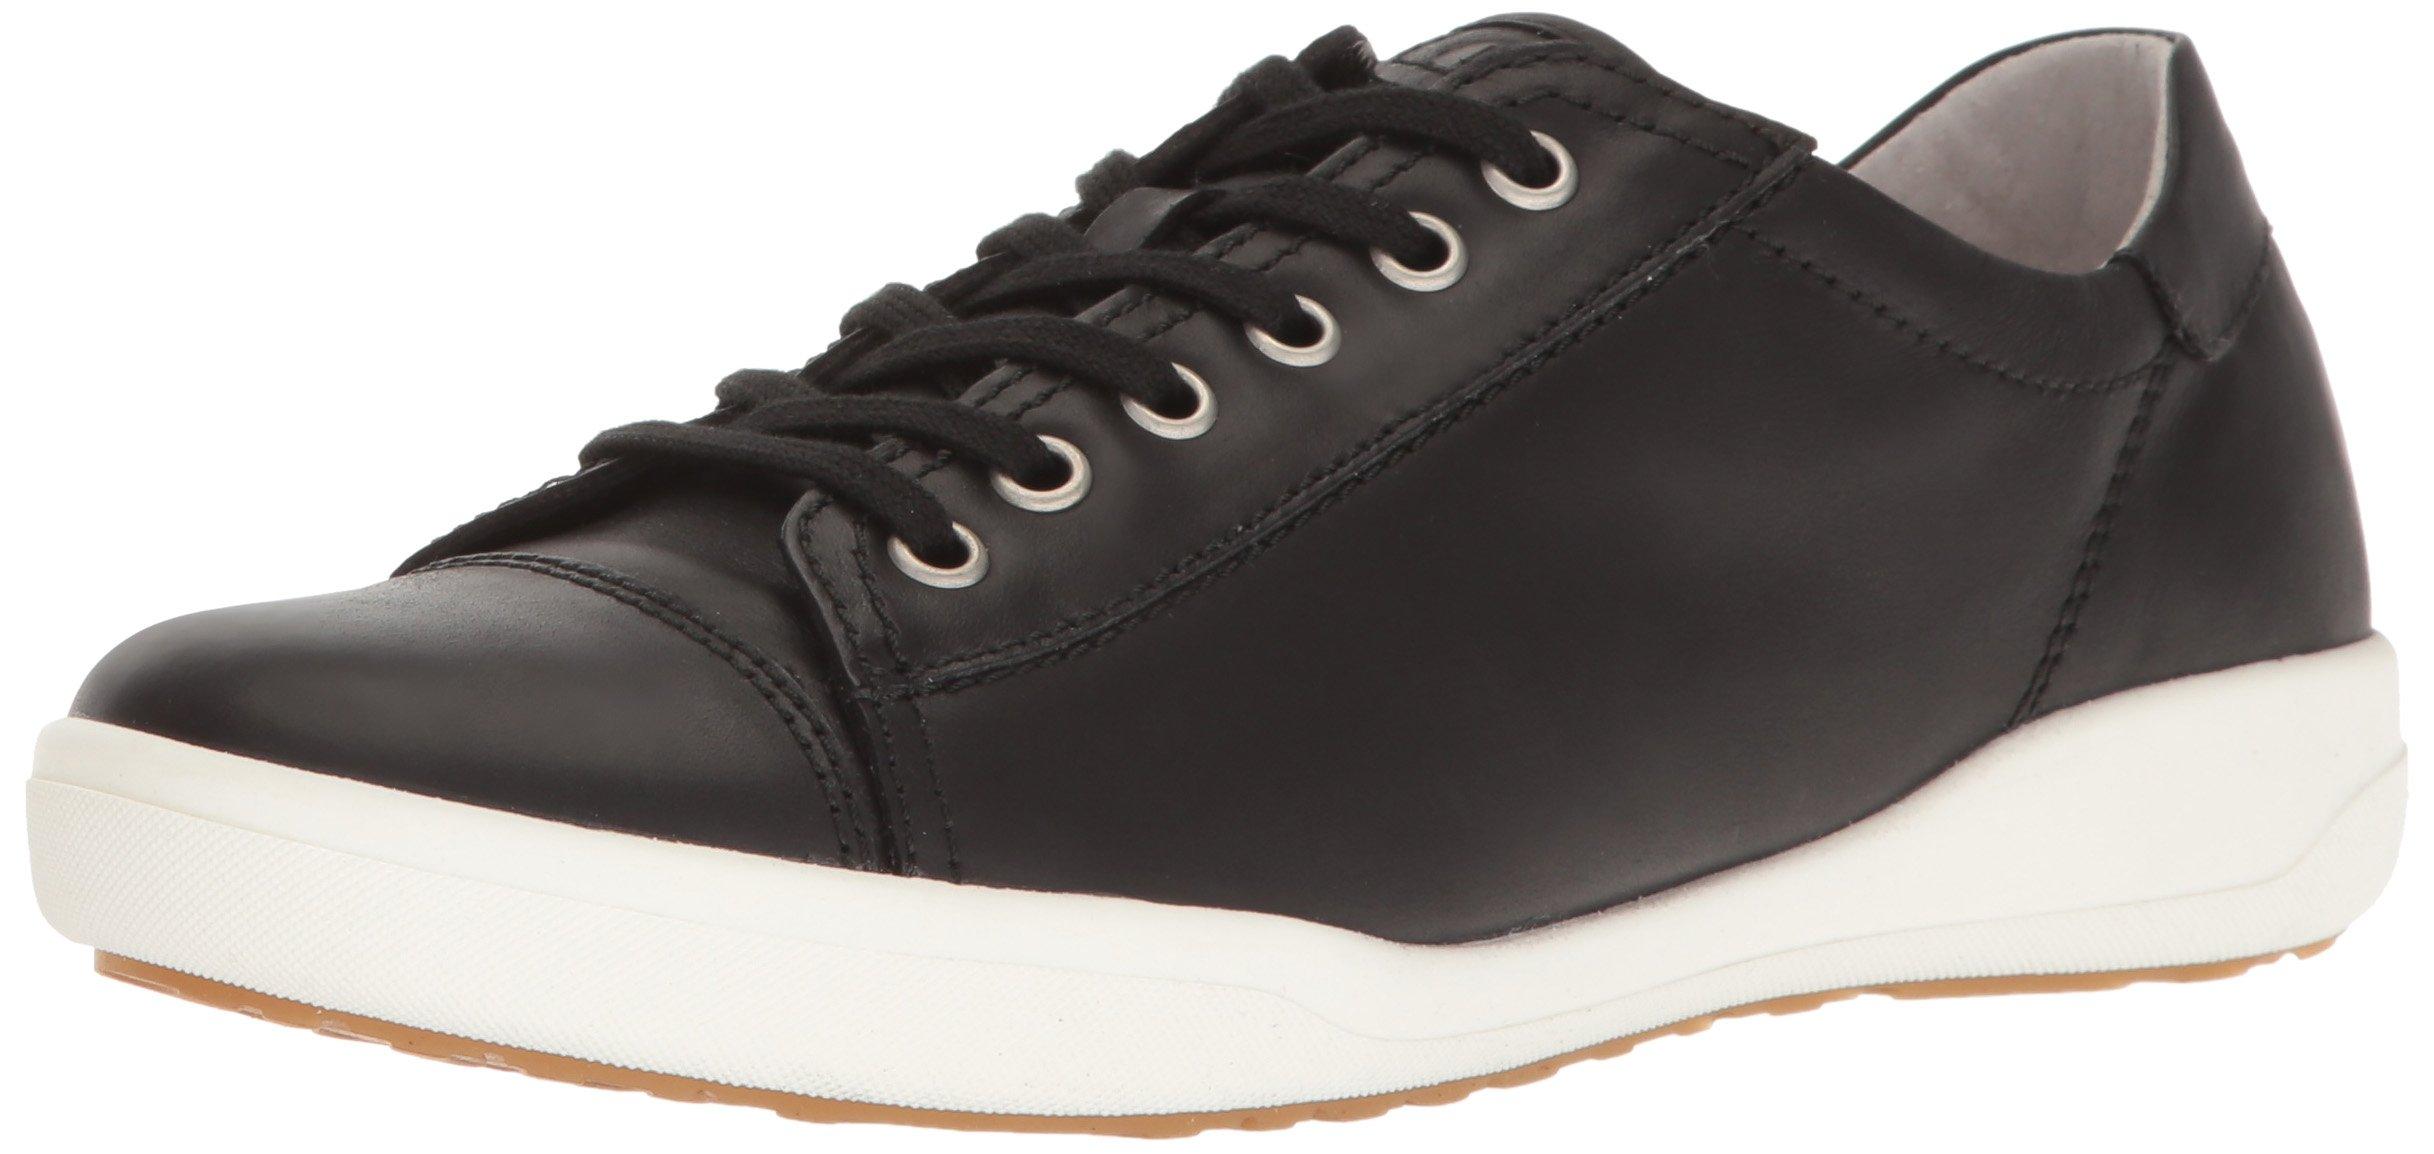 Josef Seibel Women's Sina 11 Sneaker, Black, 38 EU/7-7.5 M US